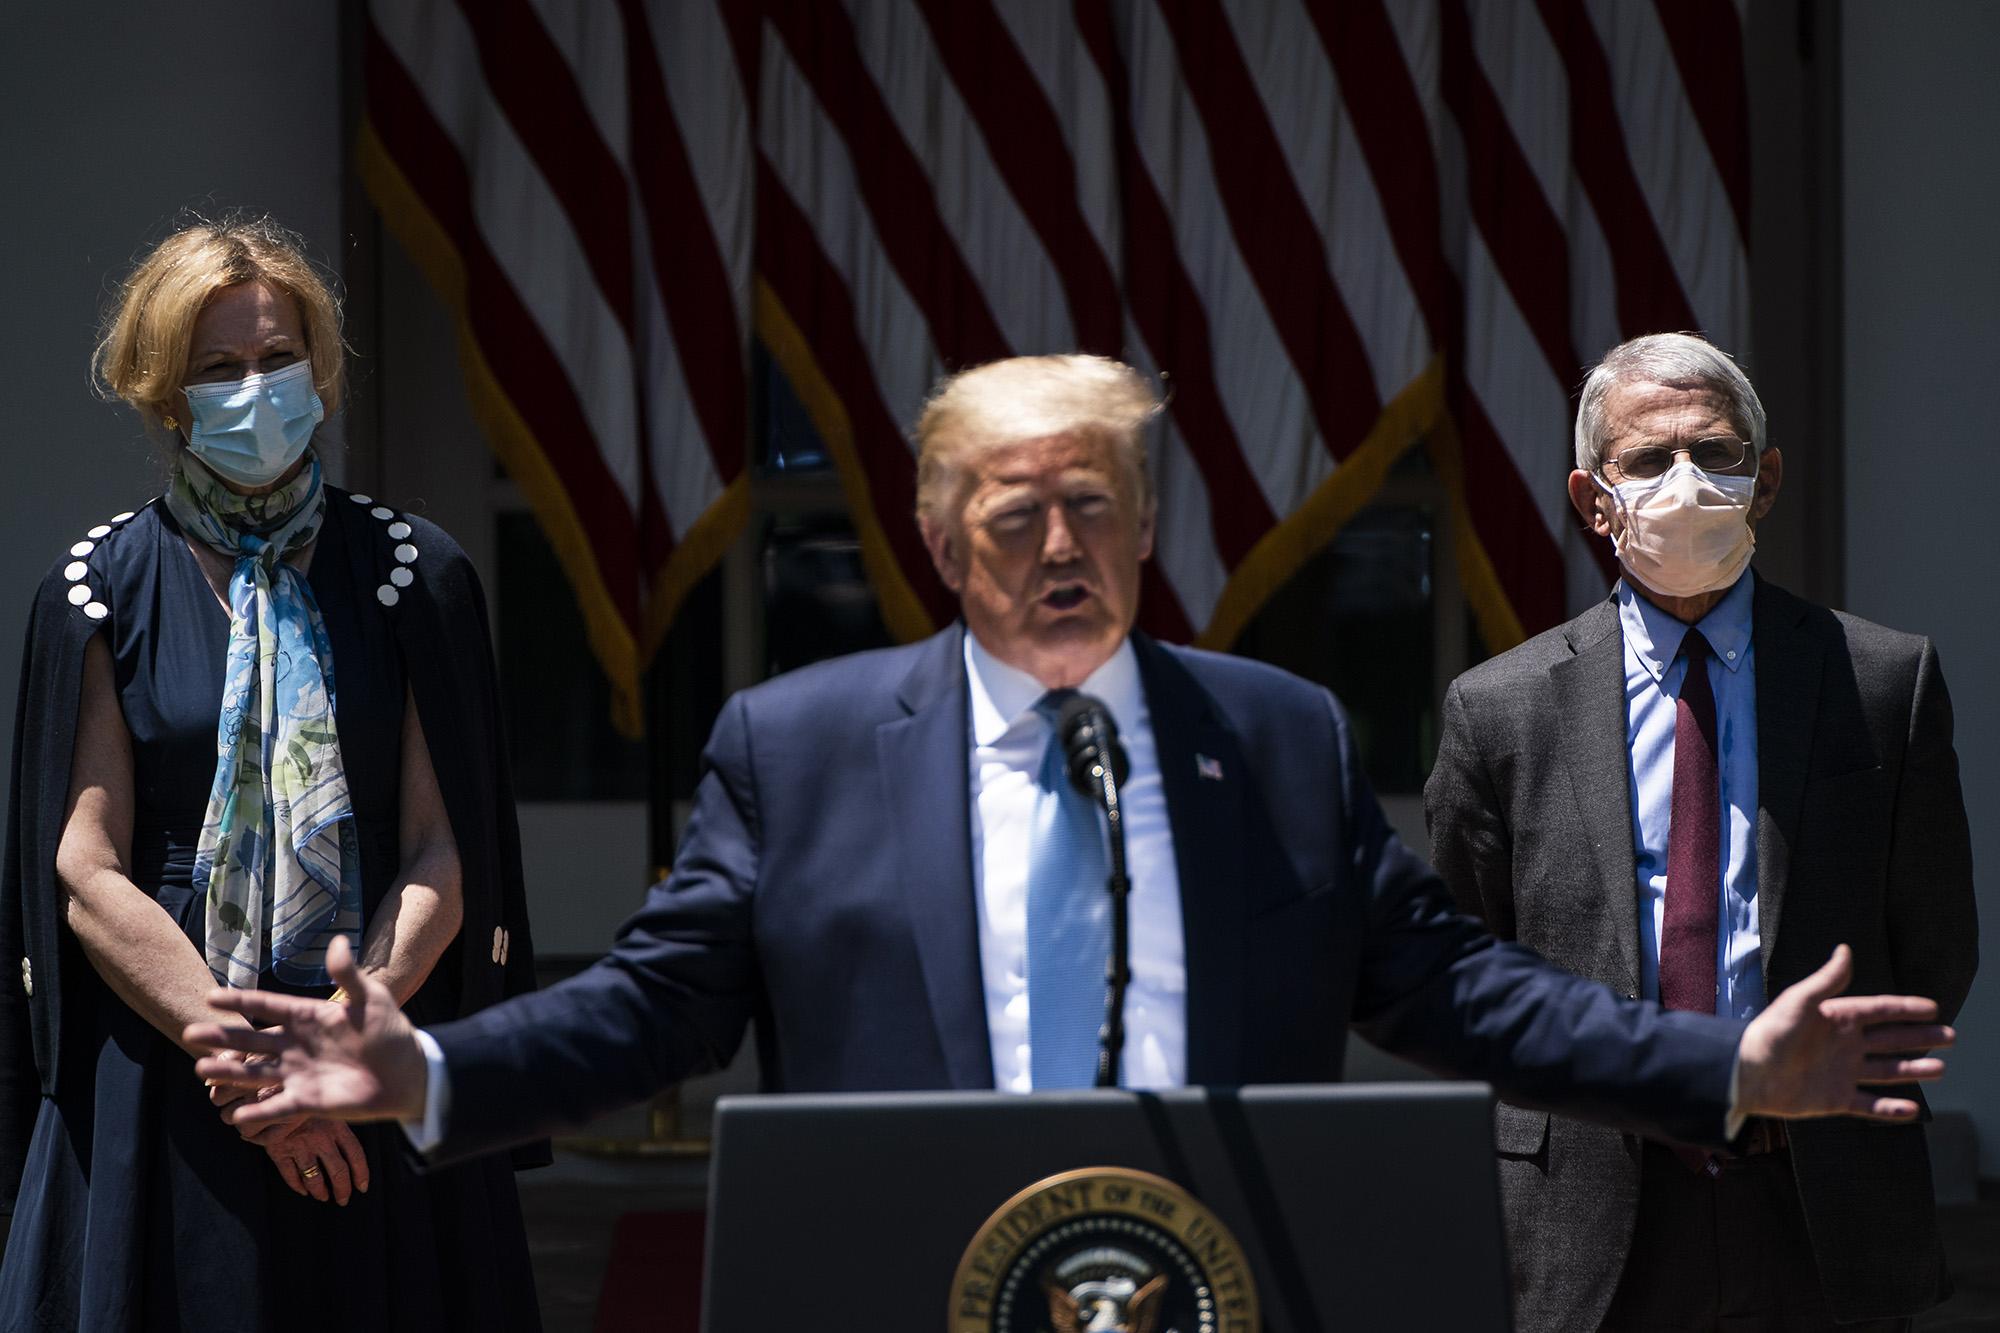 A koronavírus-intézkedésekért felelős Dr. Deborah Birx, a népegészségügyi hivatal igazgatója, Dr. Anthony Fauci és Donald Trump, maszk nélkül (fotó: Jabin Botsford/The Washington Post via Getty Images)